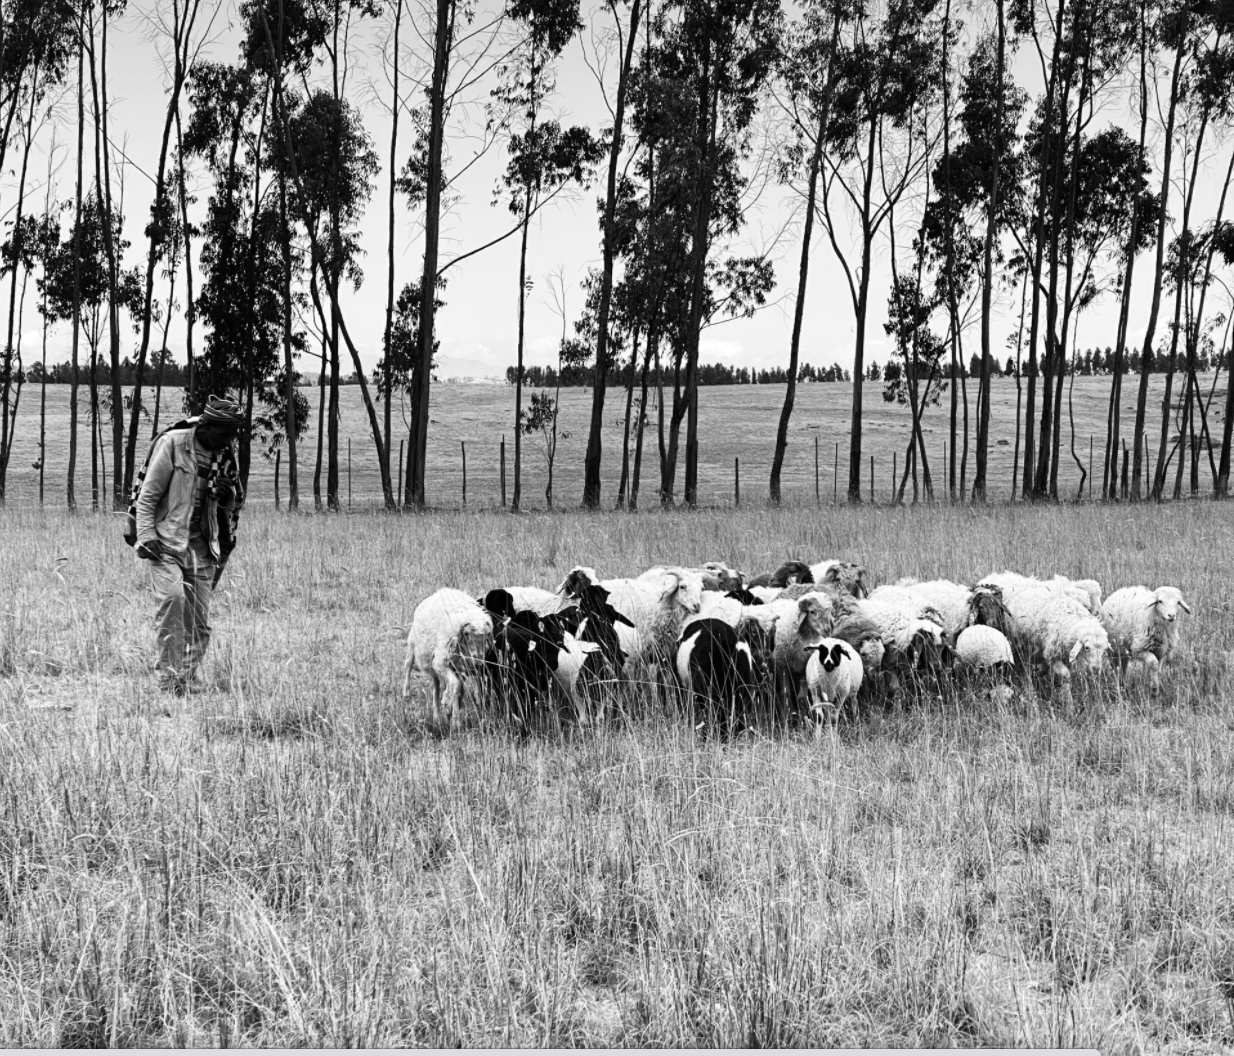 SERA HELSINKI Shepherd and Sheep in Ethiopia